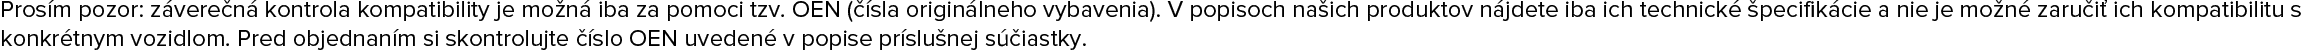 CONTITECH 037145933B, 038903137E, 038903137J, 11281247284, 11281247986 Ozubený klinový remeň